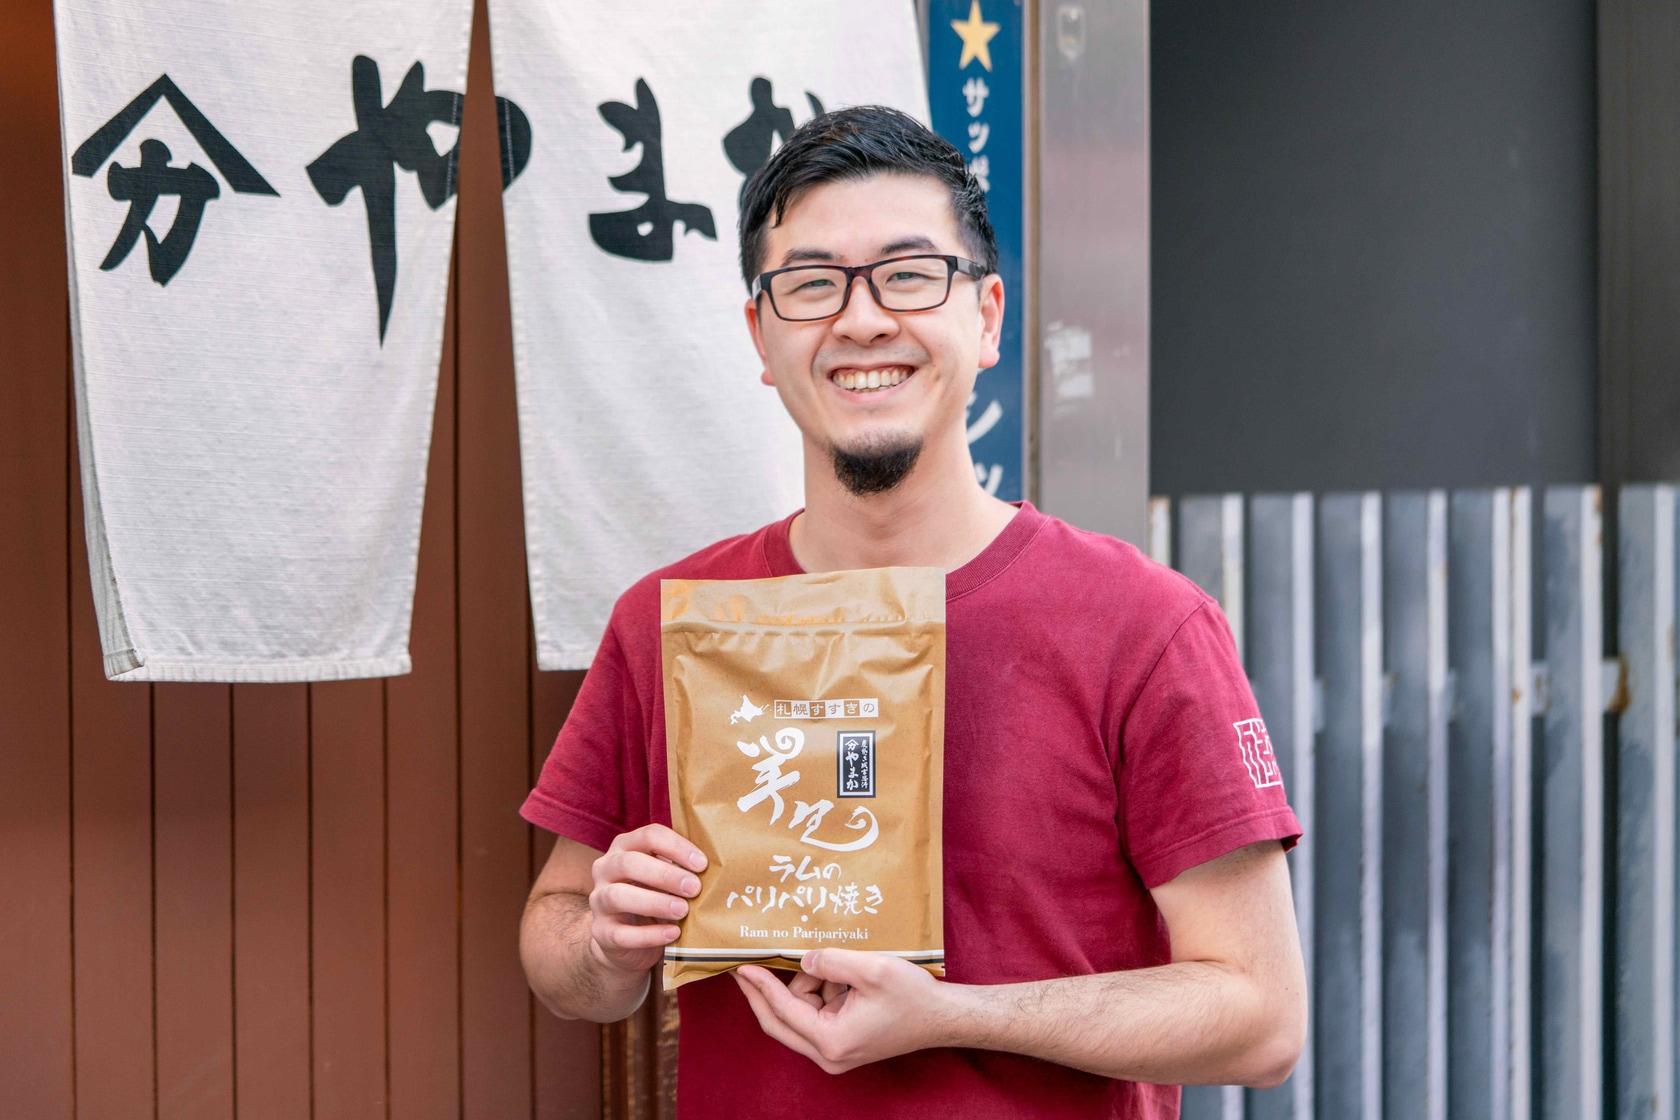 北海道札幌市すすきのの炭焼きジンギスカン専門店やまか,店の暖簾の前でオリジナル商品のラムのパリパリ焼きを持つ佐藤さん